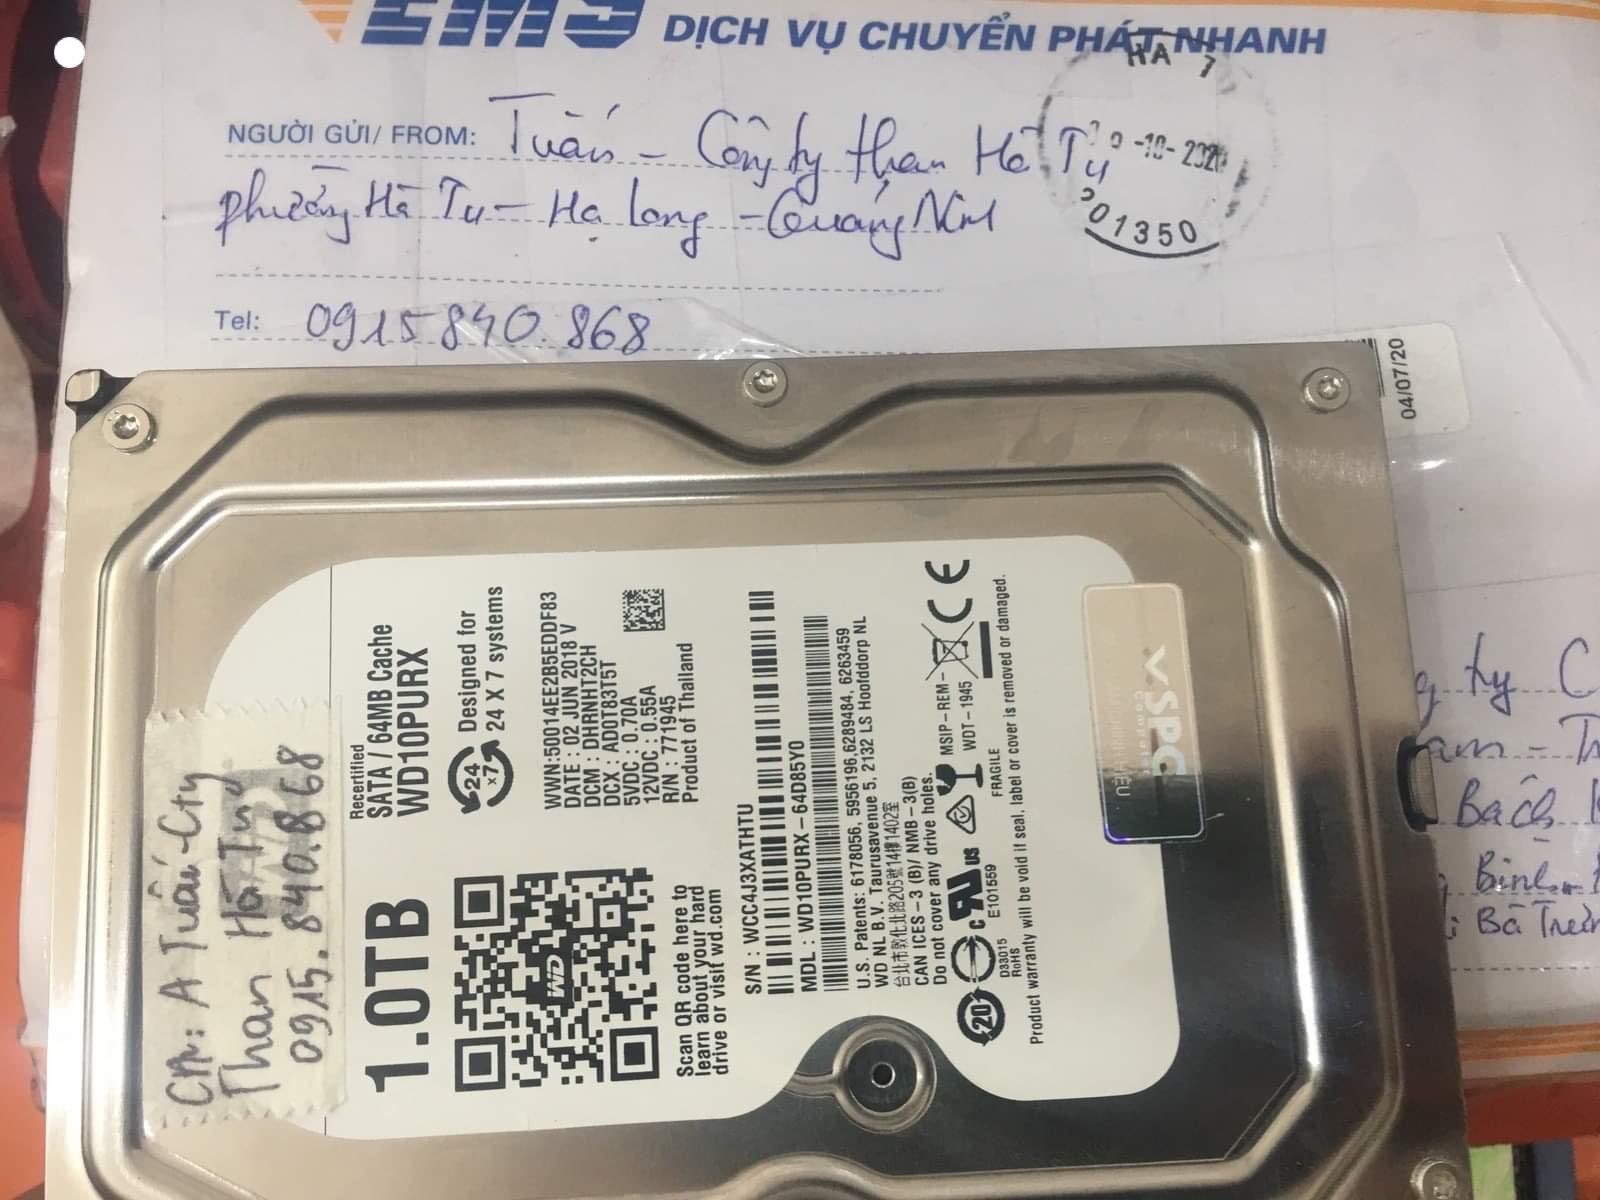 Lấy dữ liệu ổ cứng Western 1TB lỗi đầu đọc tại Quảng Ninh 16/10/2020 - cuumaytinh